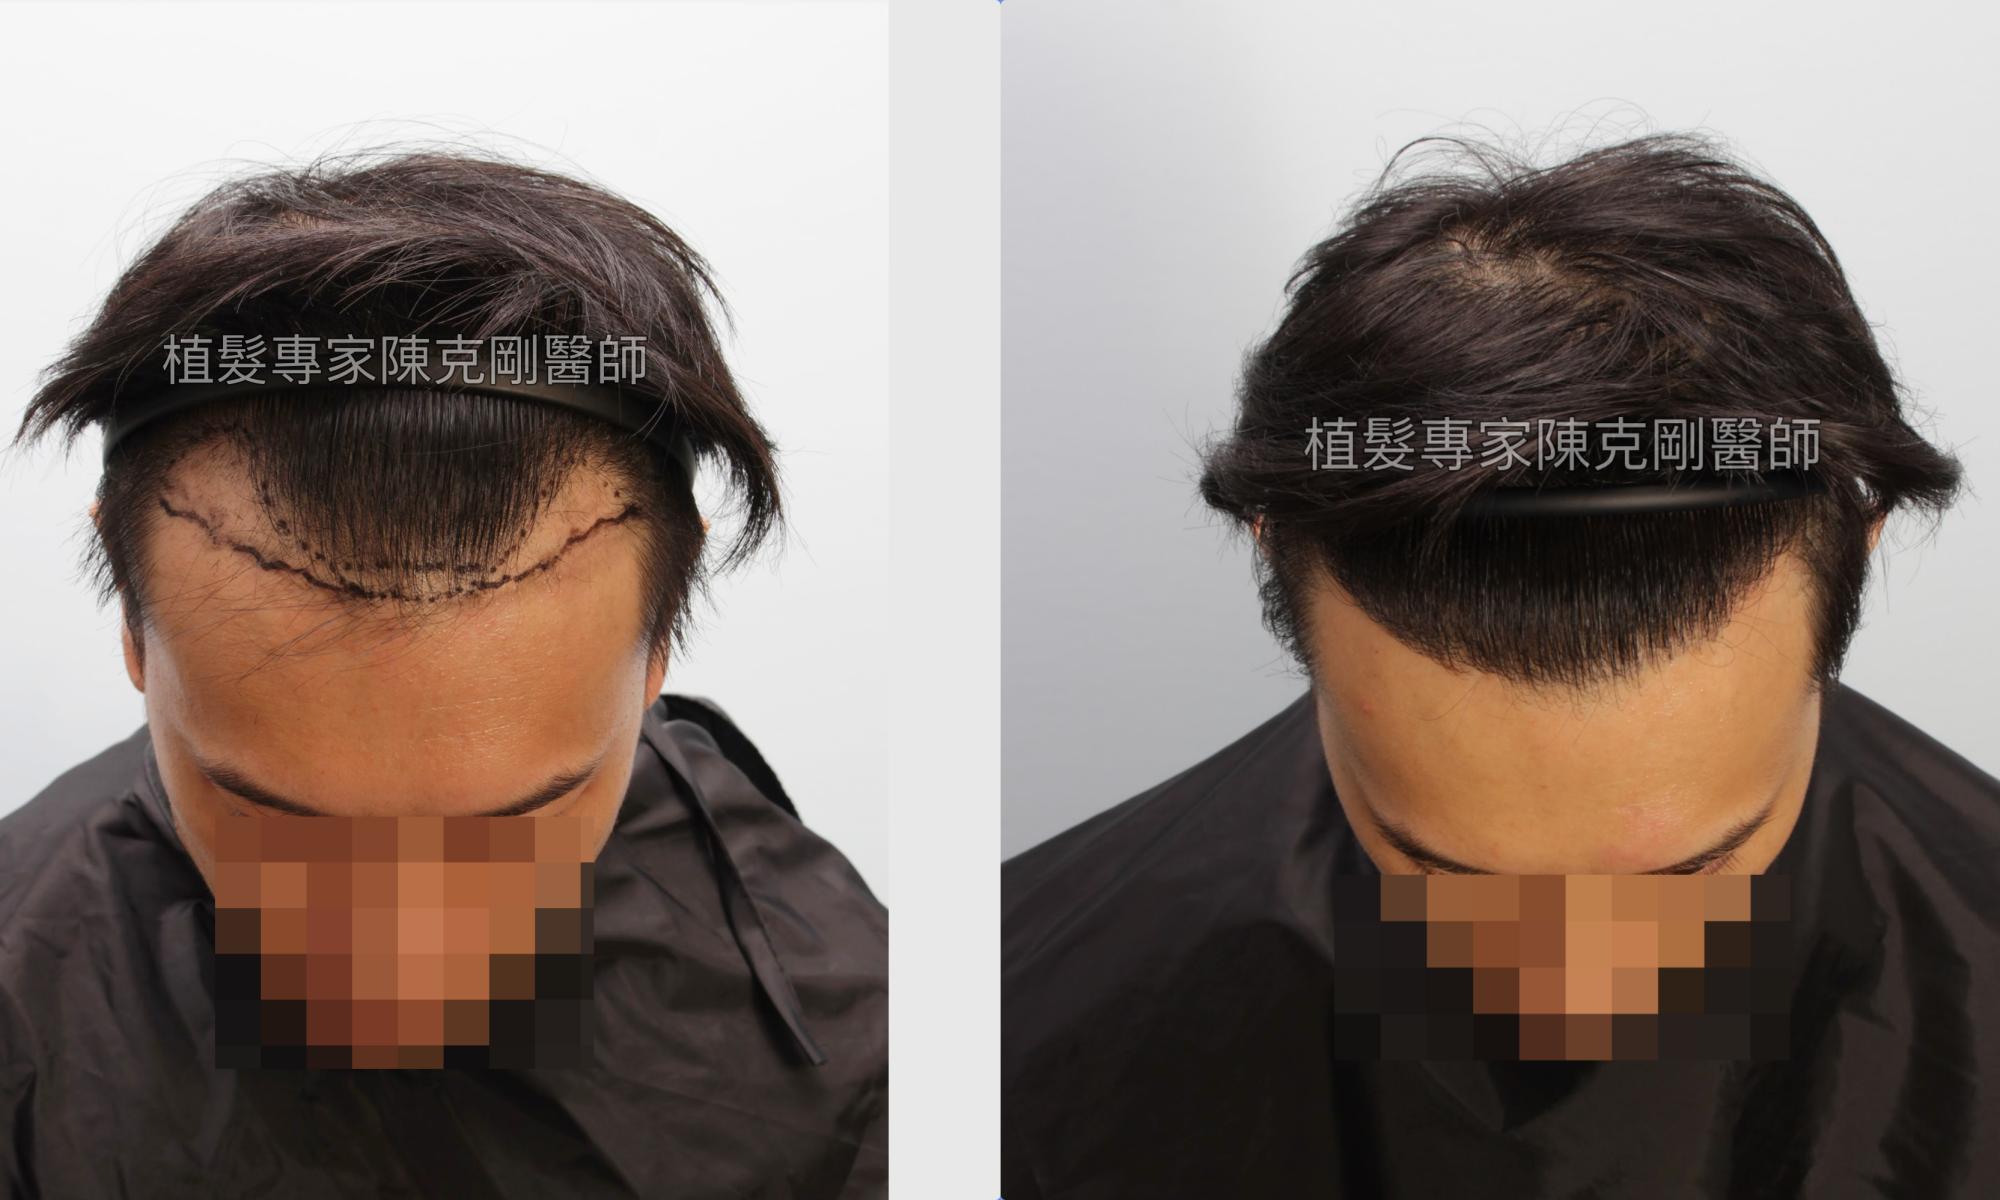 植髮際線恢復髮線 高雄植髮專家陳克剛醫師植髮案例分享 植髮手術後十個月低頭比較